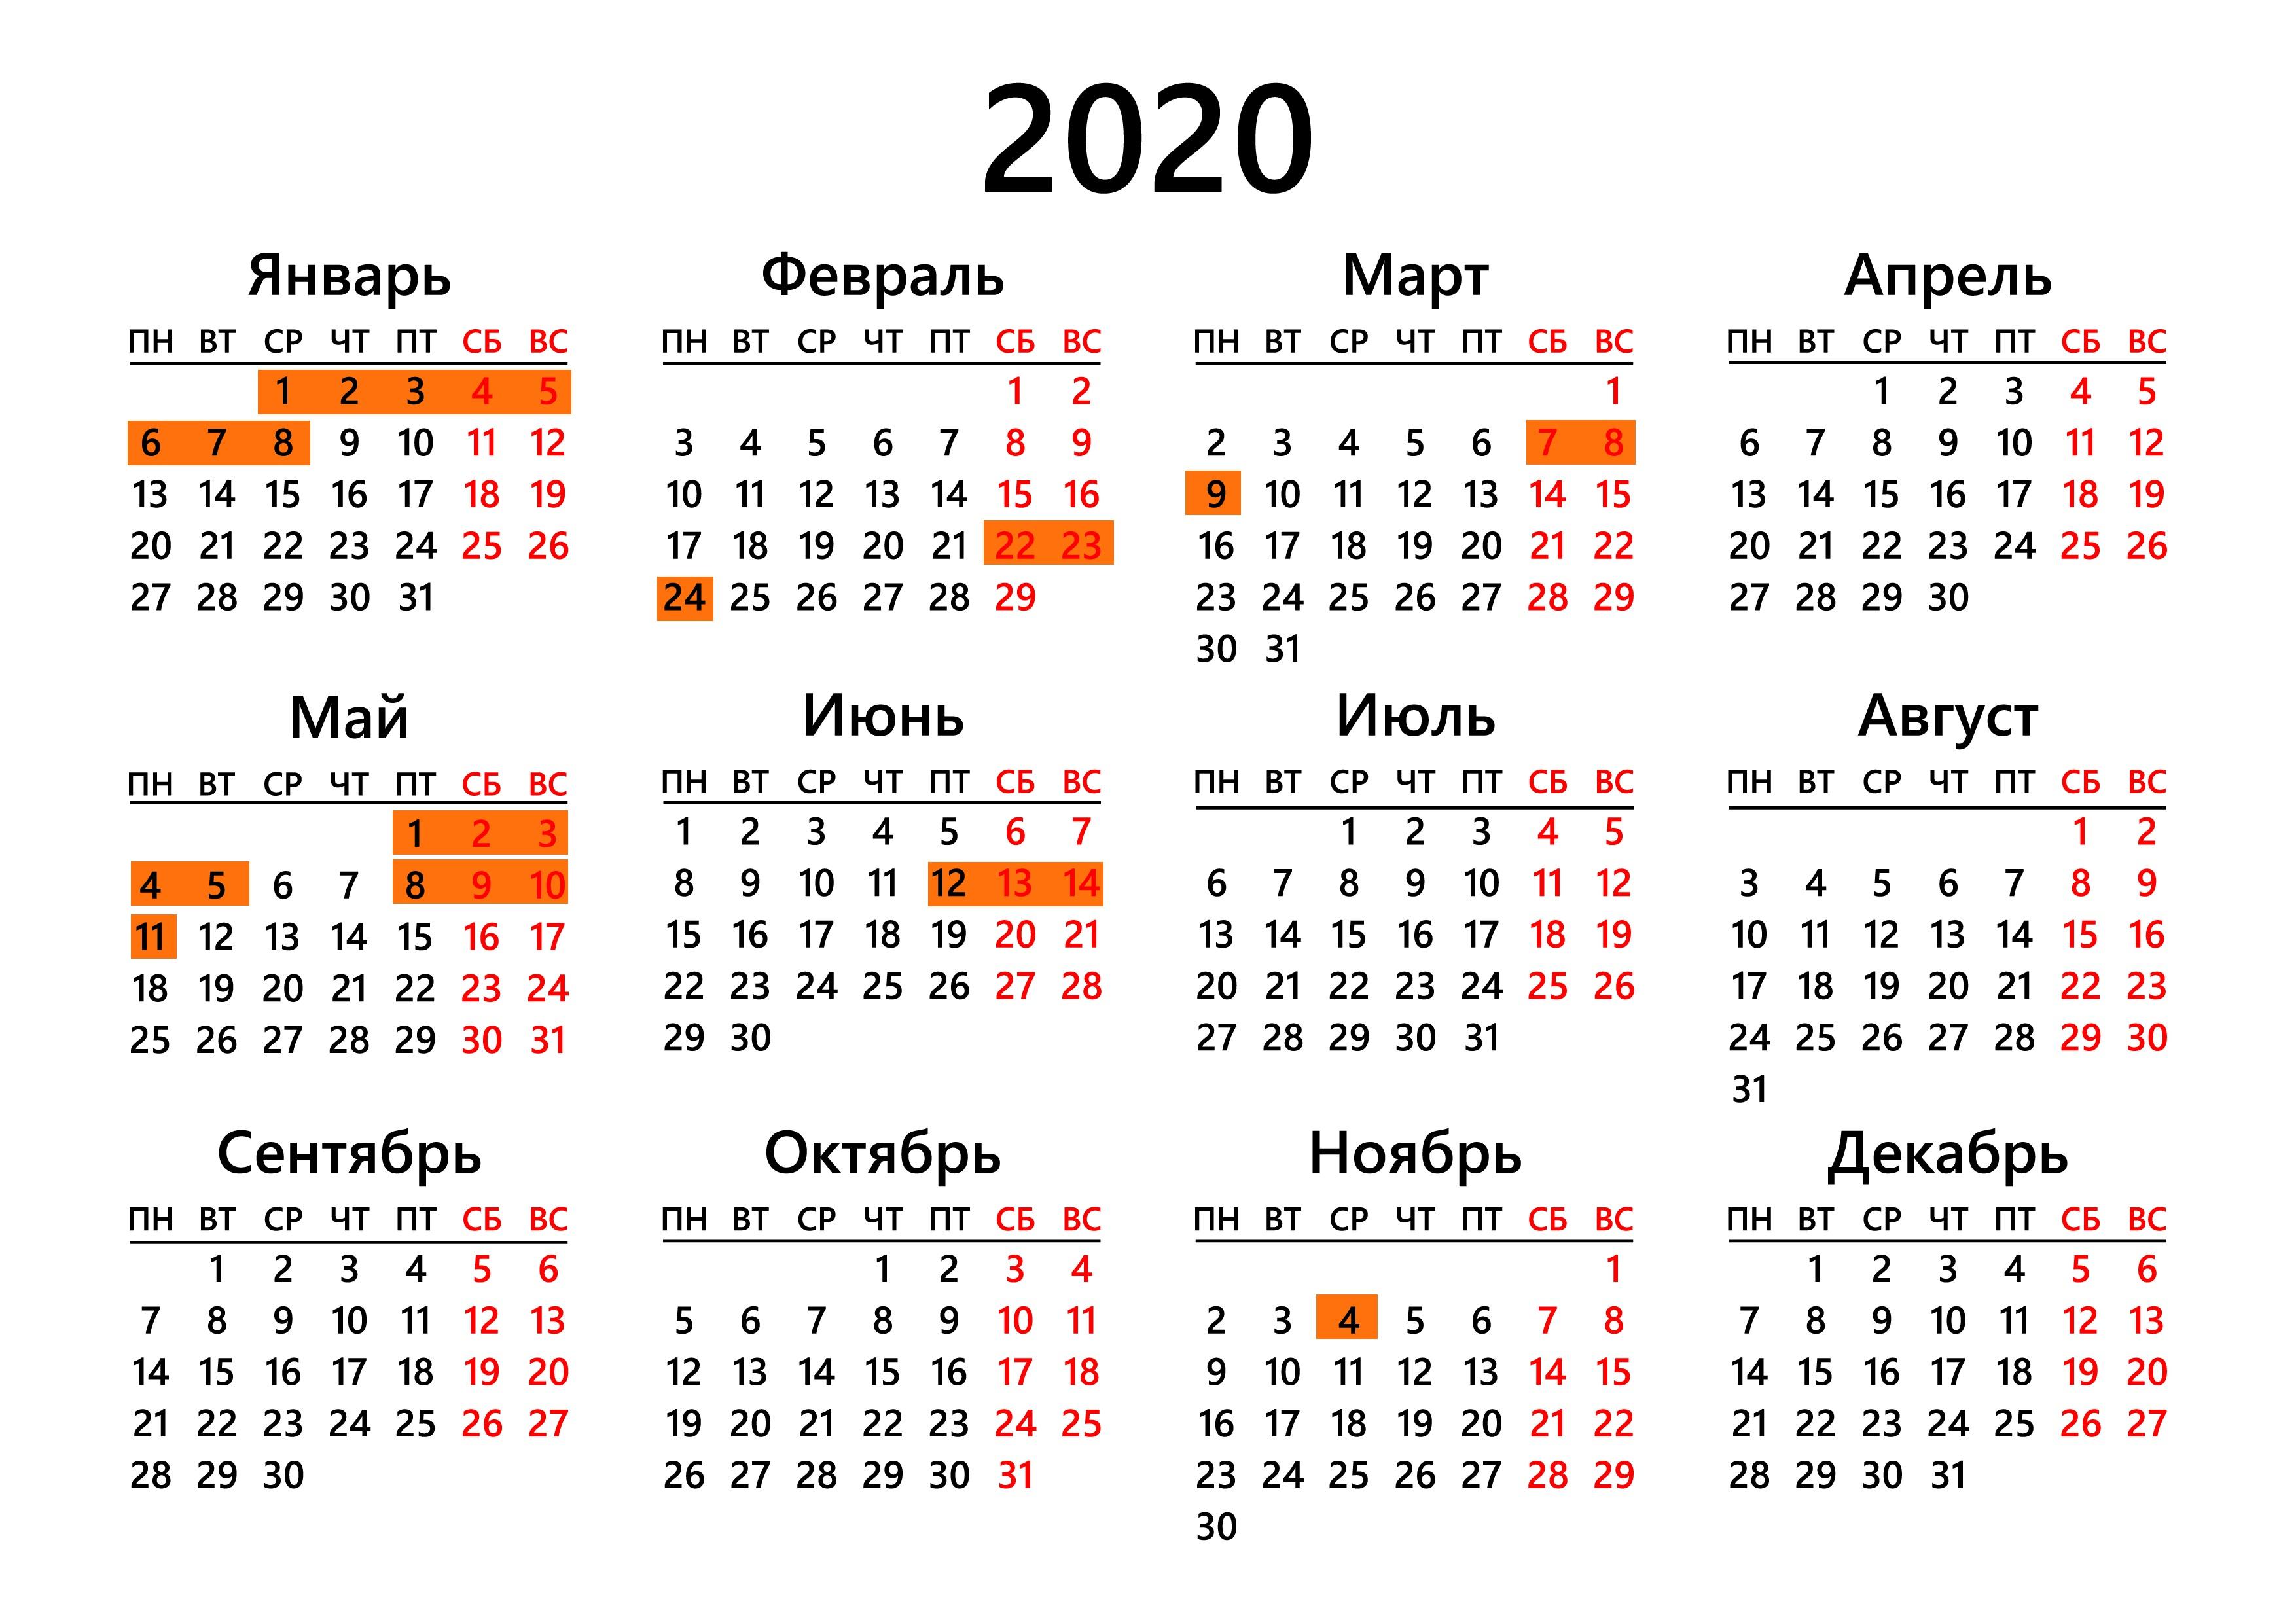 Календарь 2020 Год С Праздниками - Bagno.site